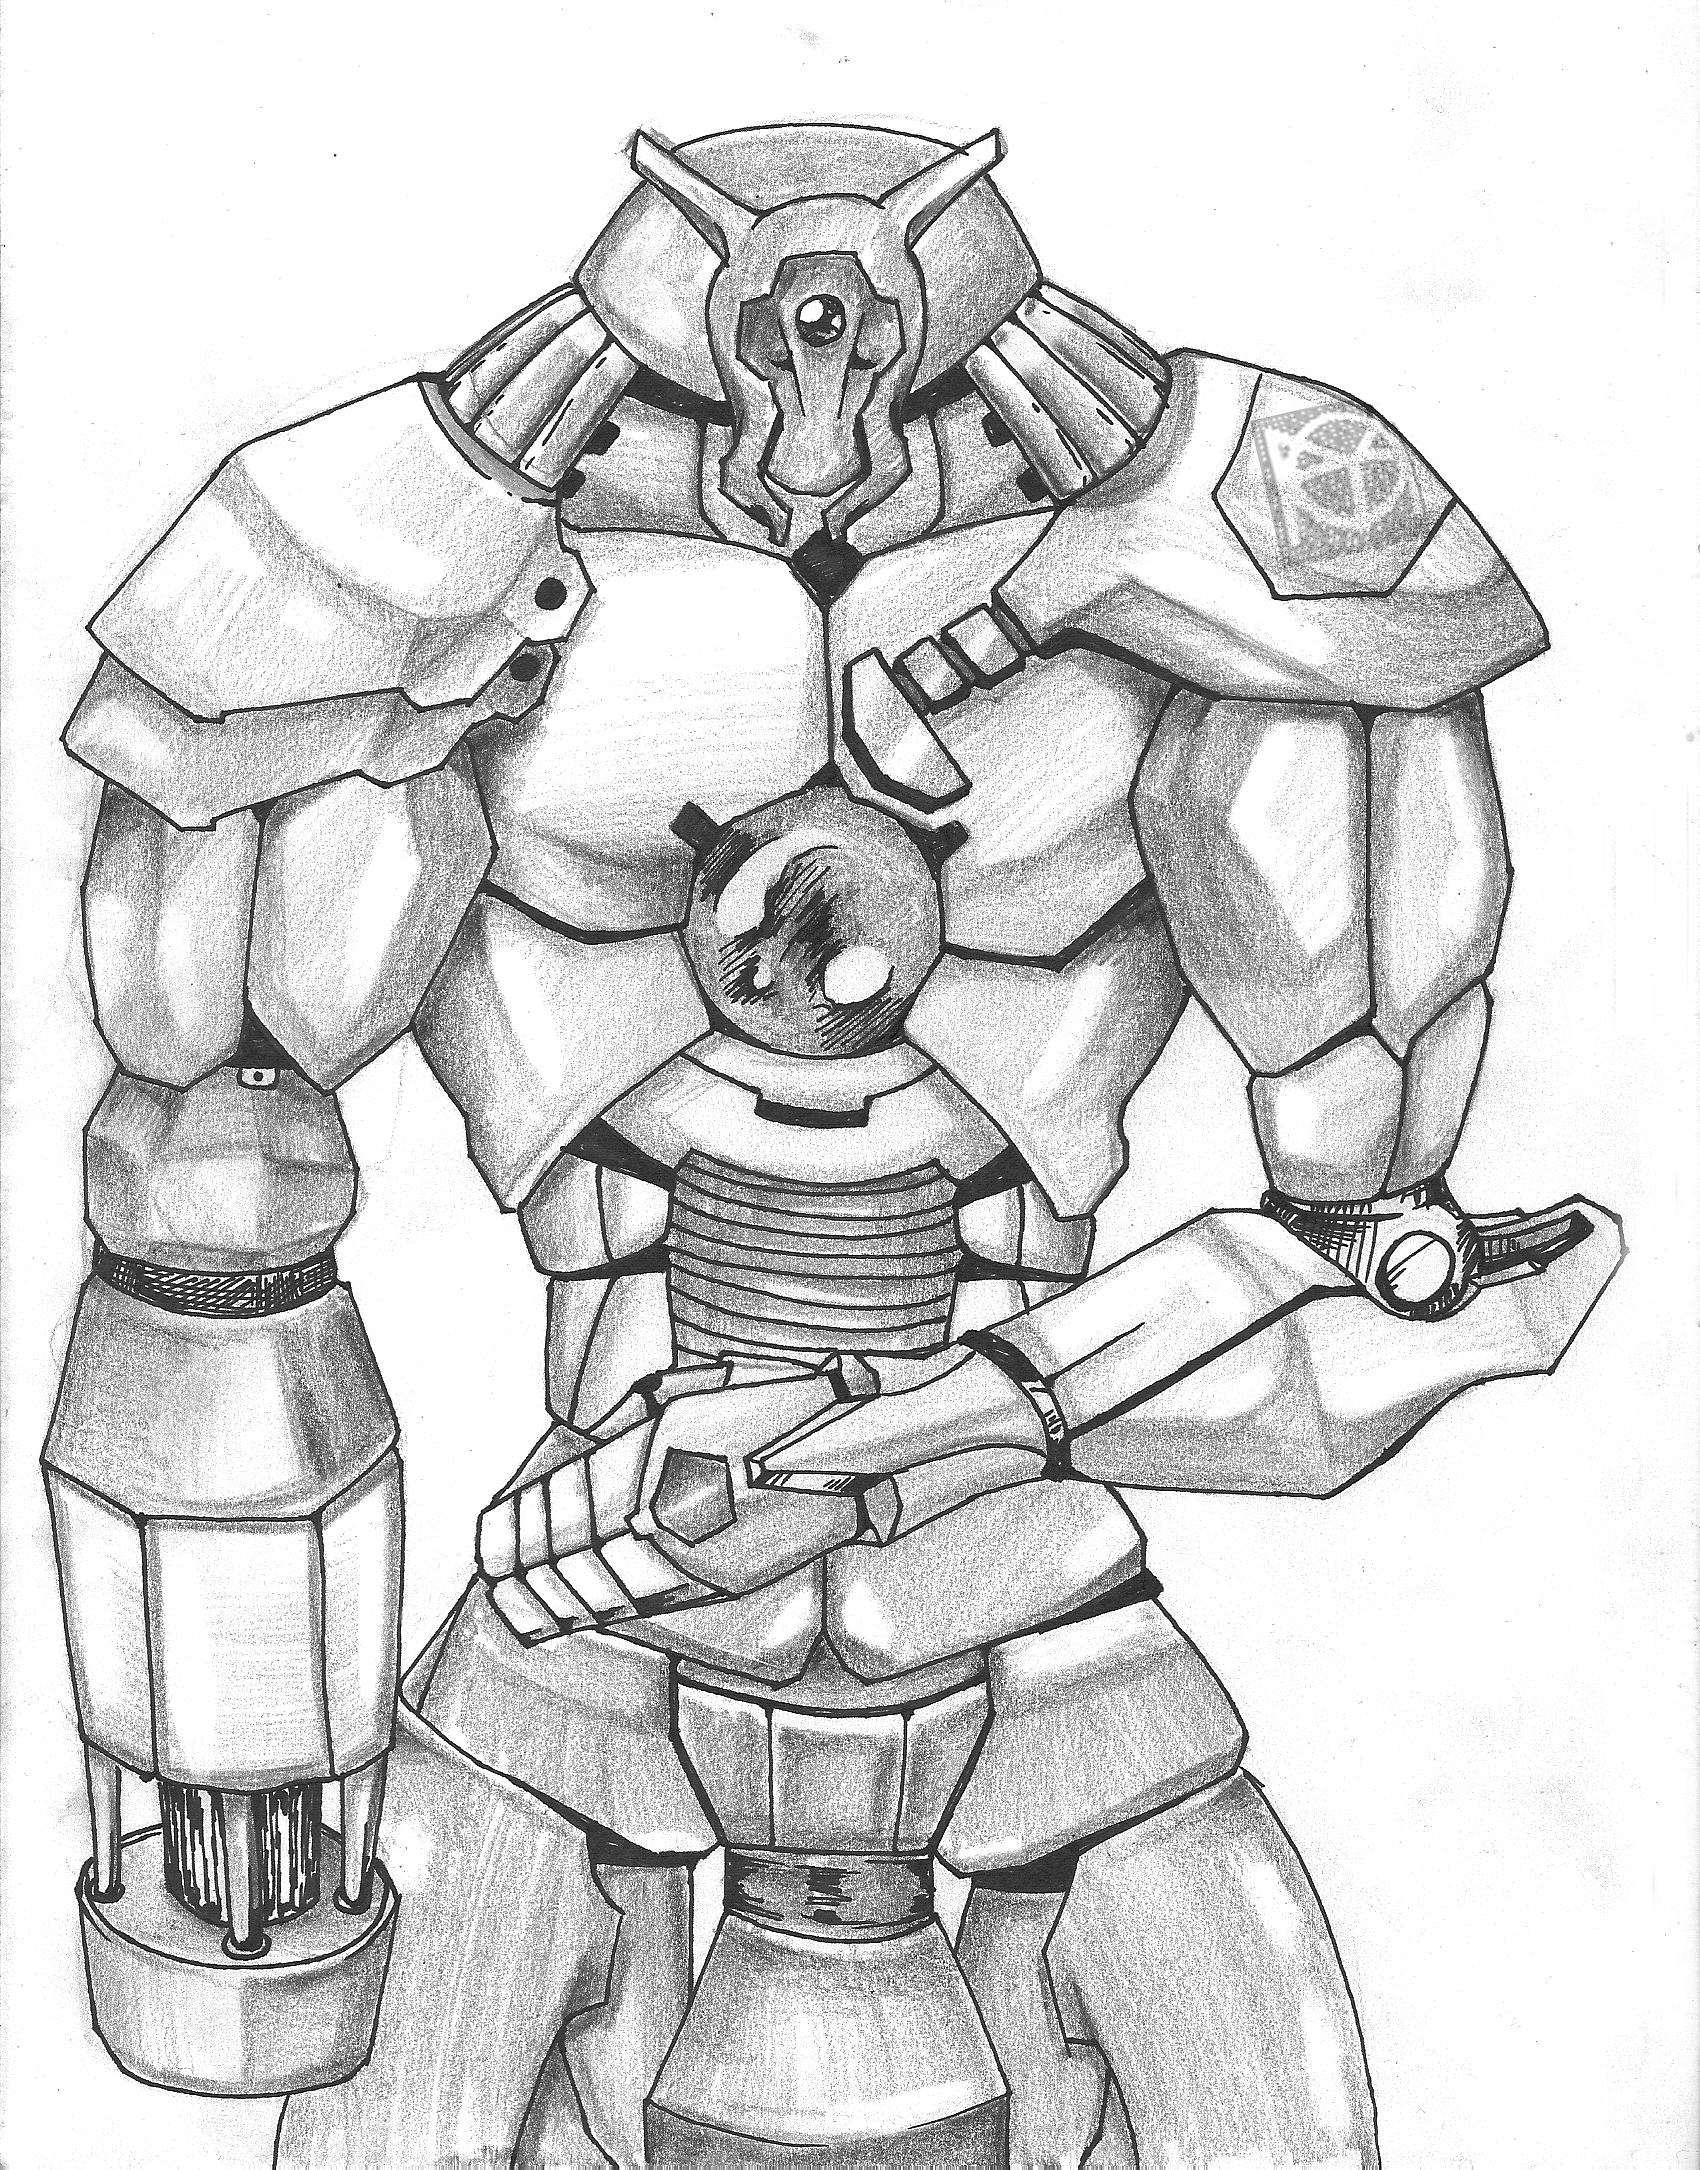 Droid/Mech